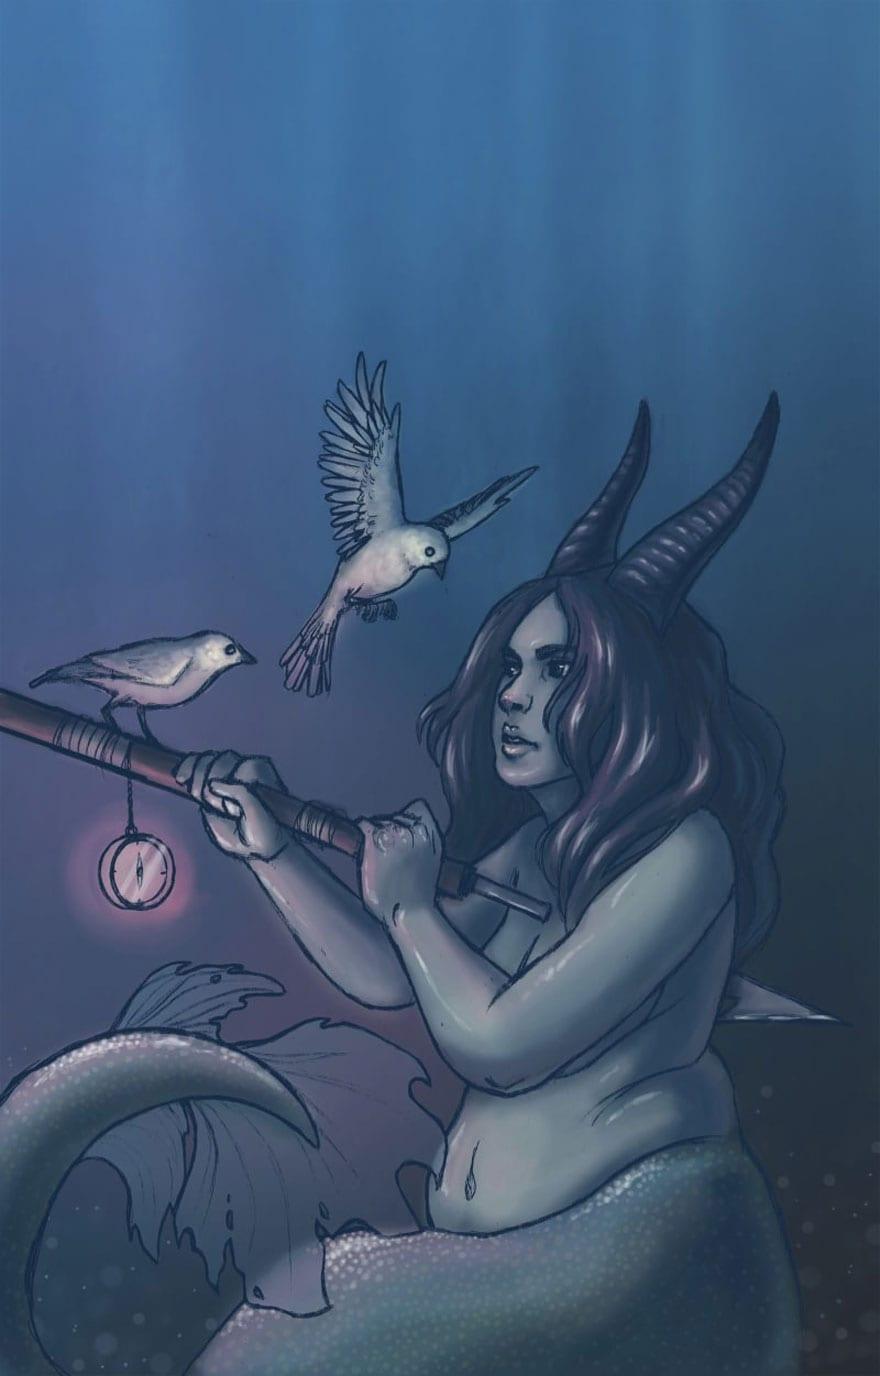 Μια εικονογράφος φαντάστηκε τα 12 ζώδια σαν γυναικείες θεότητες κι το αποτέλεσμα είναι υπέροχο